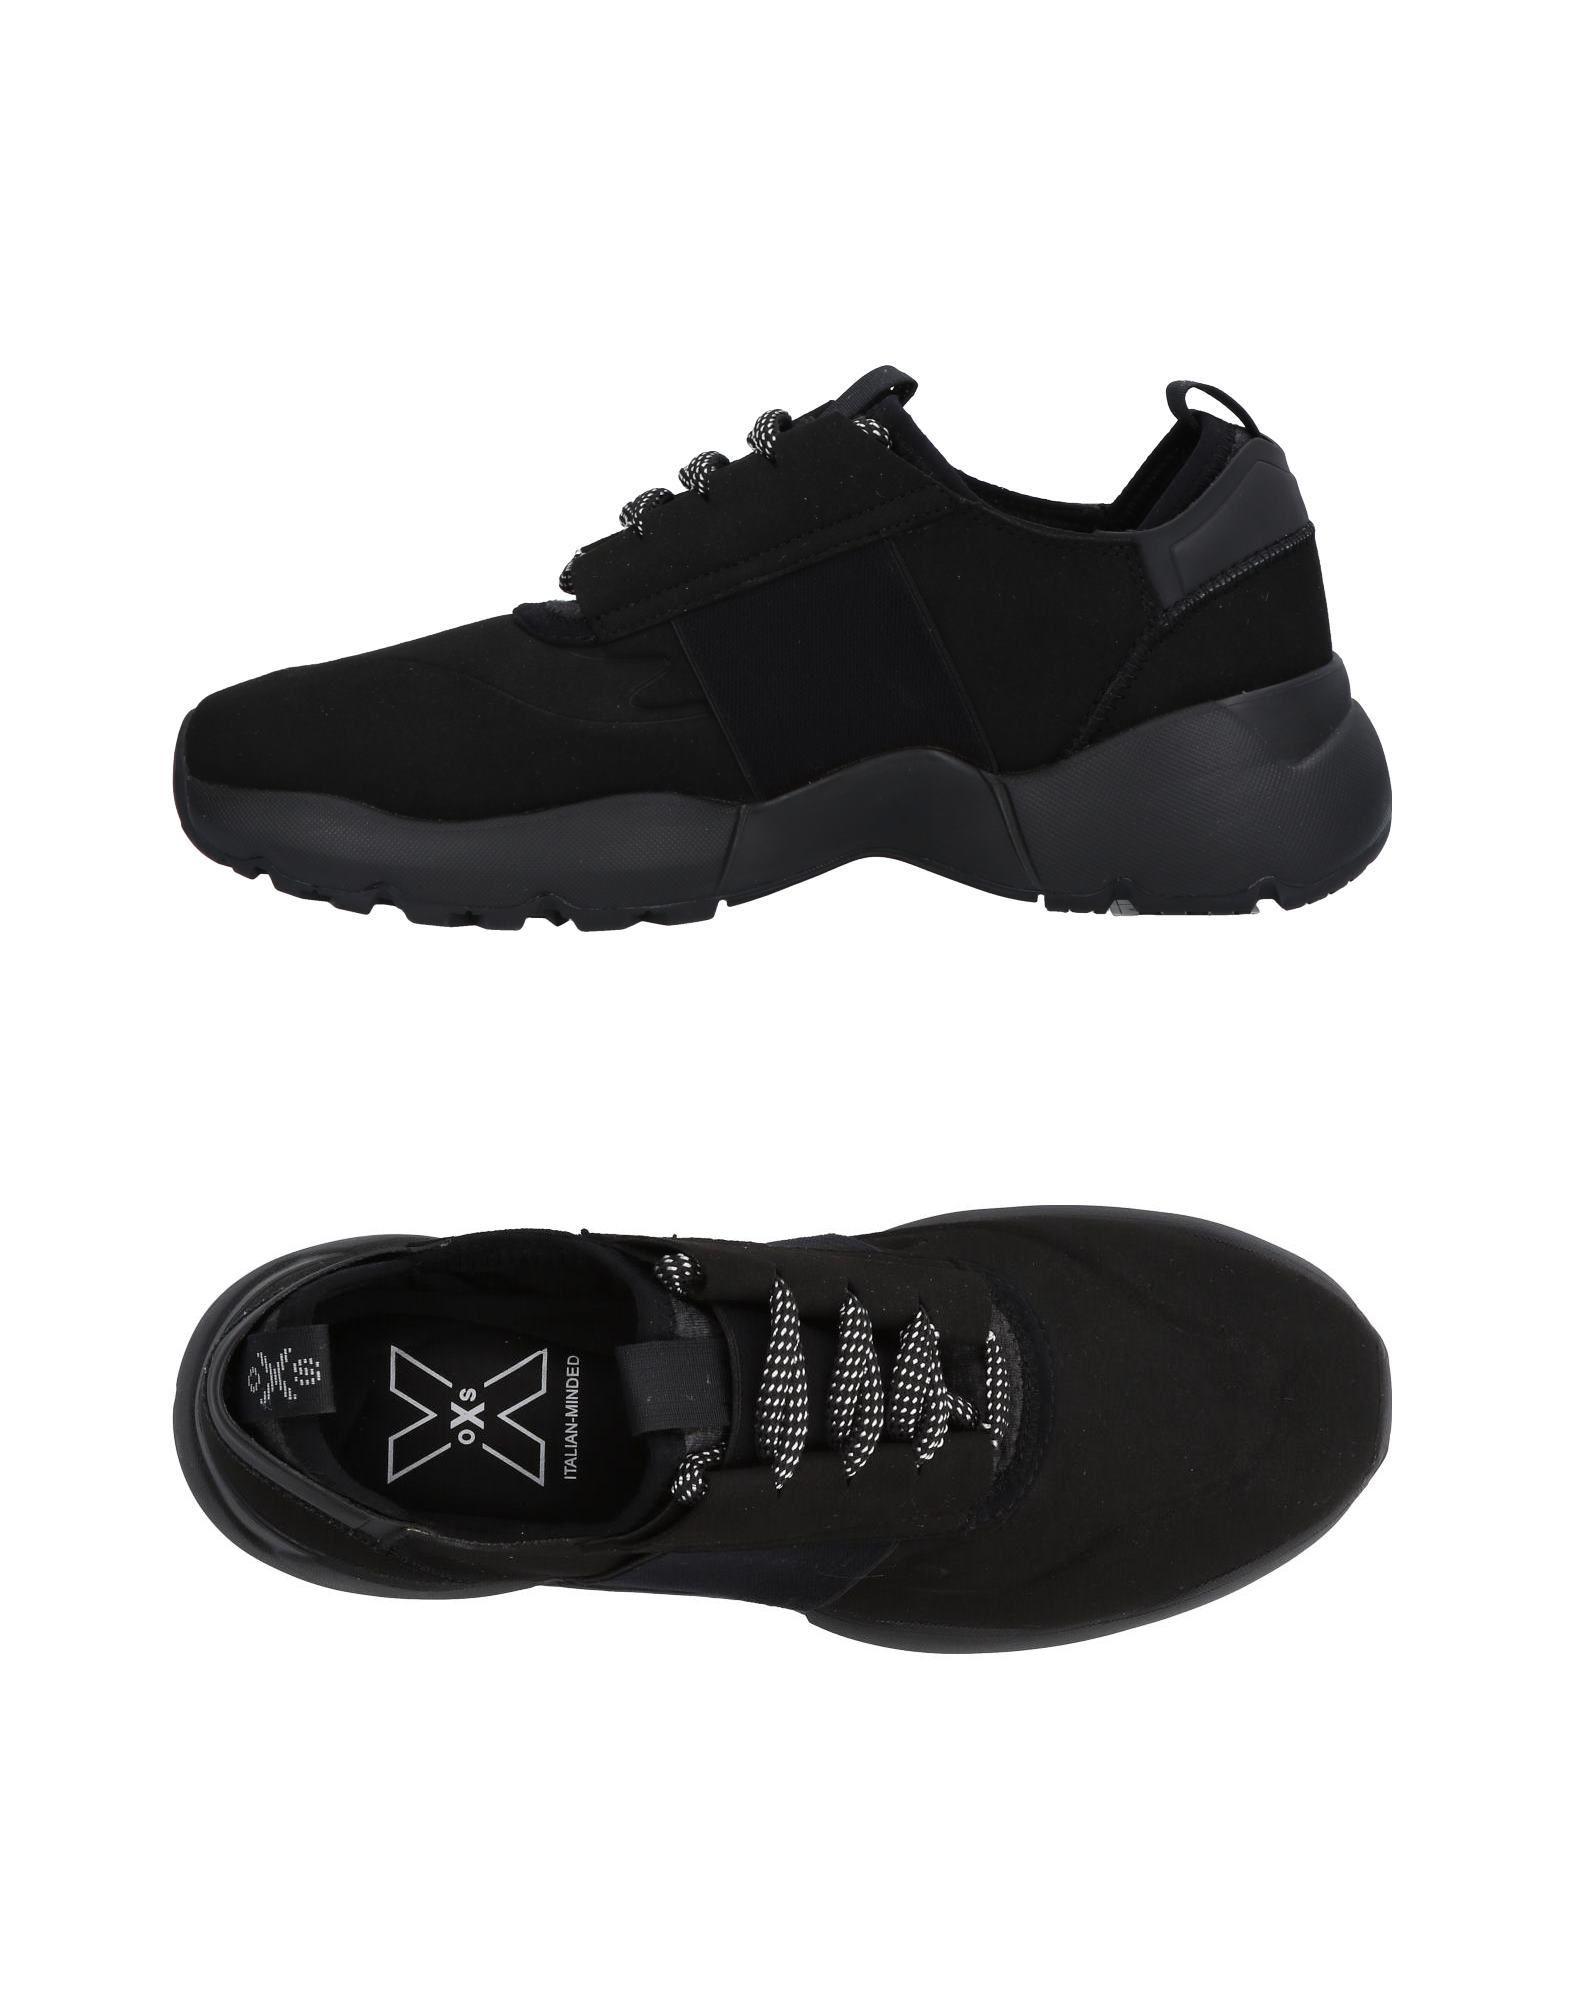 Sneakers O.X.S. Uomo - Acquista online su